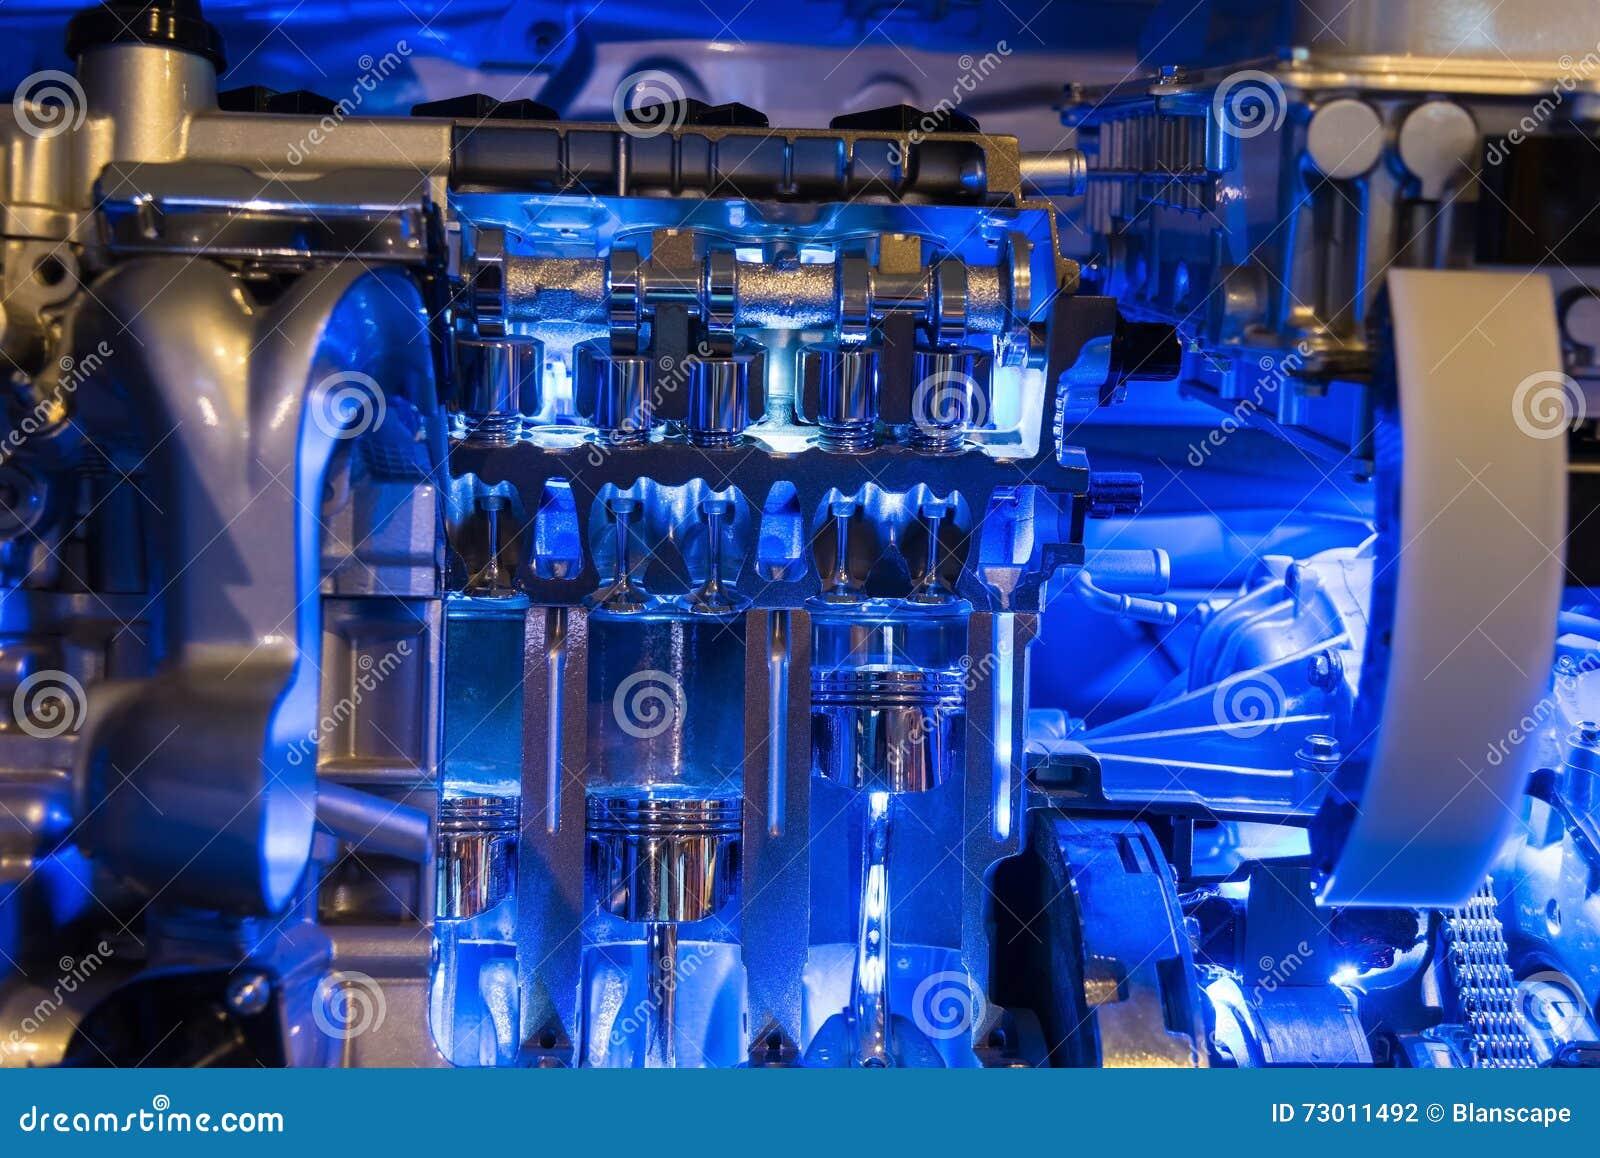 混合动力车辆发动机零件